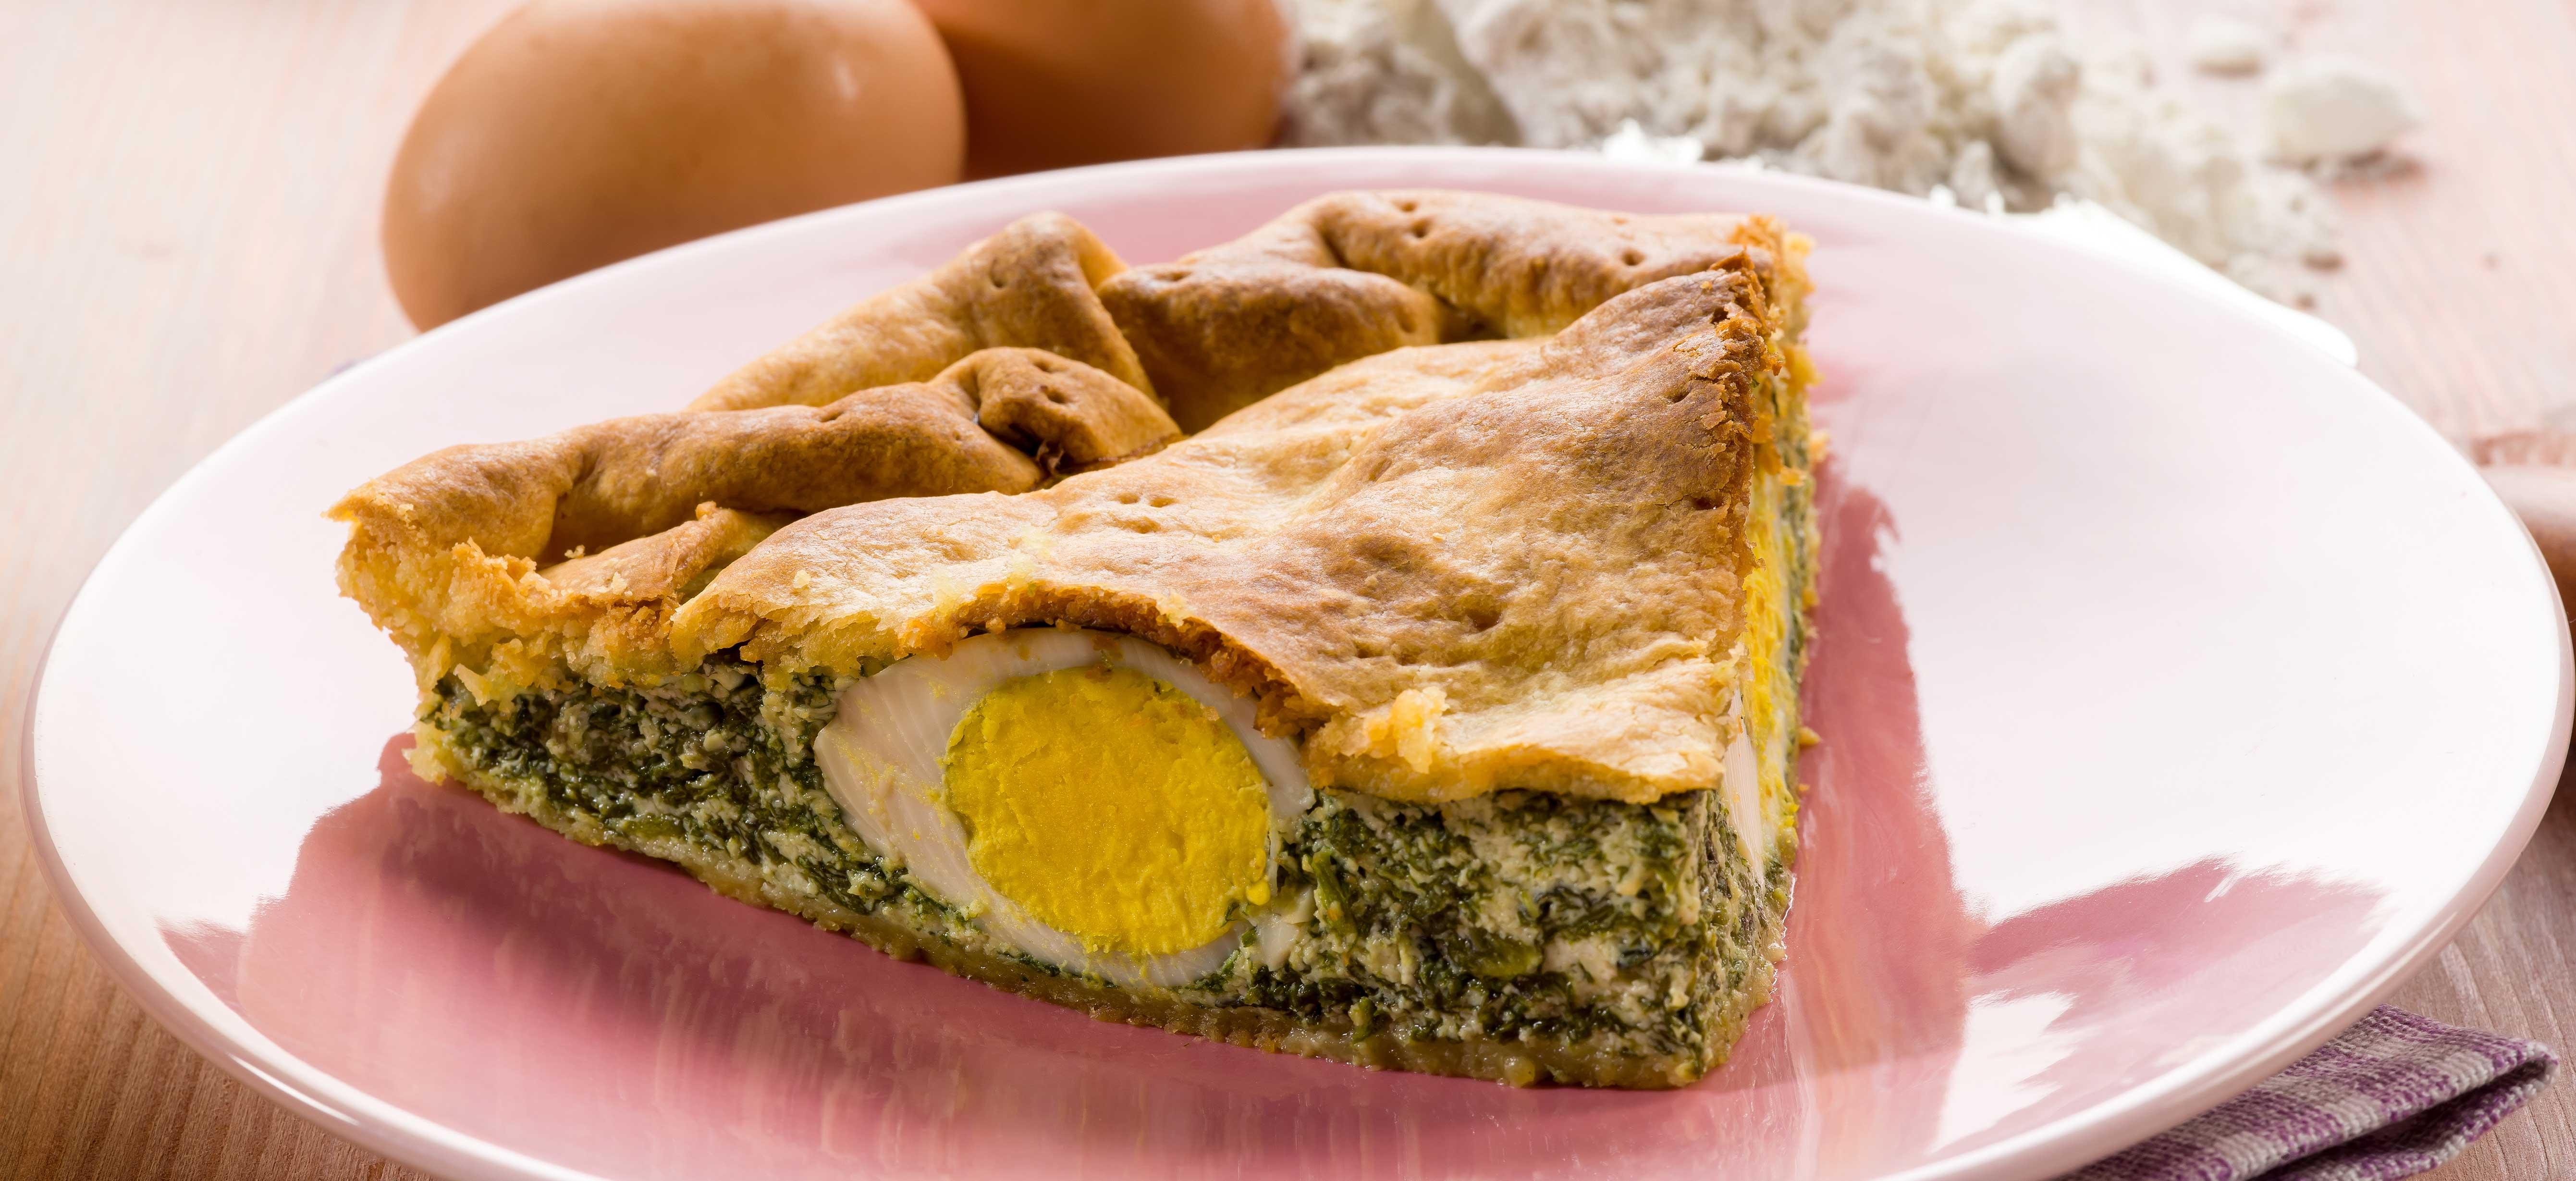 Torta pasqualina (paasquiche met spinazie, artisjok en ricotta)